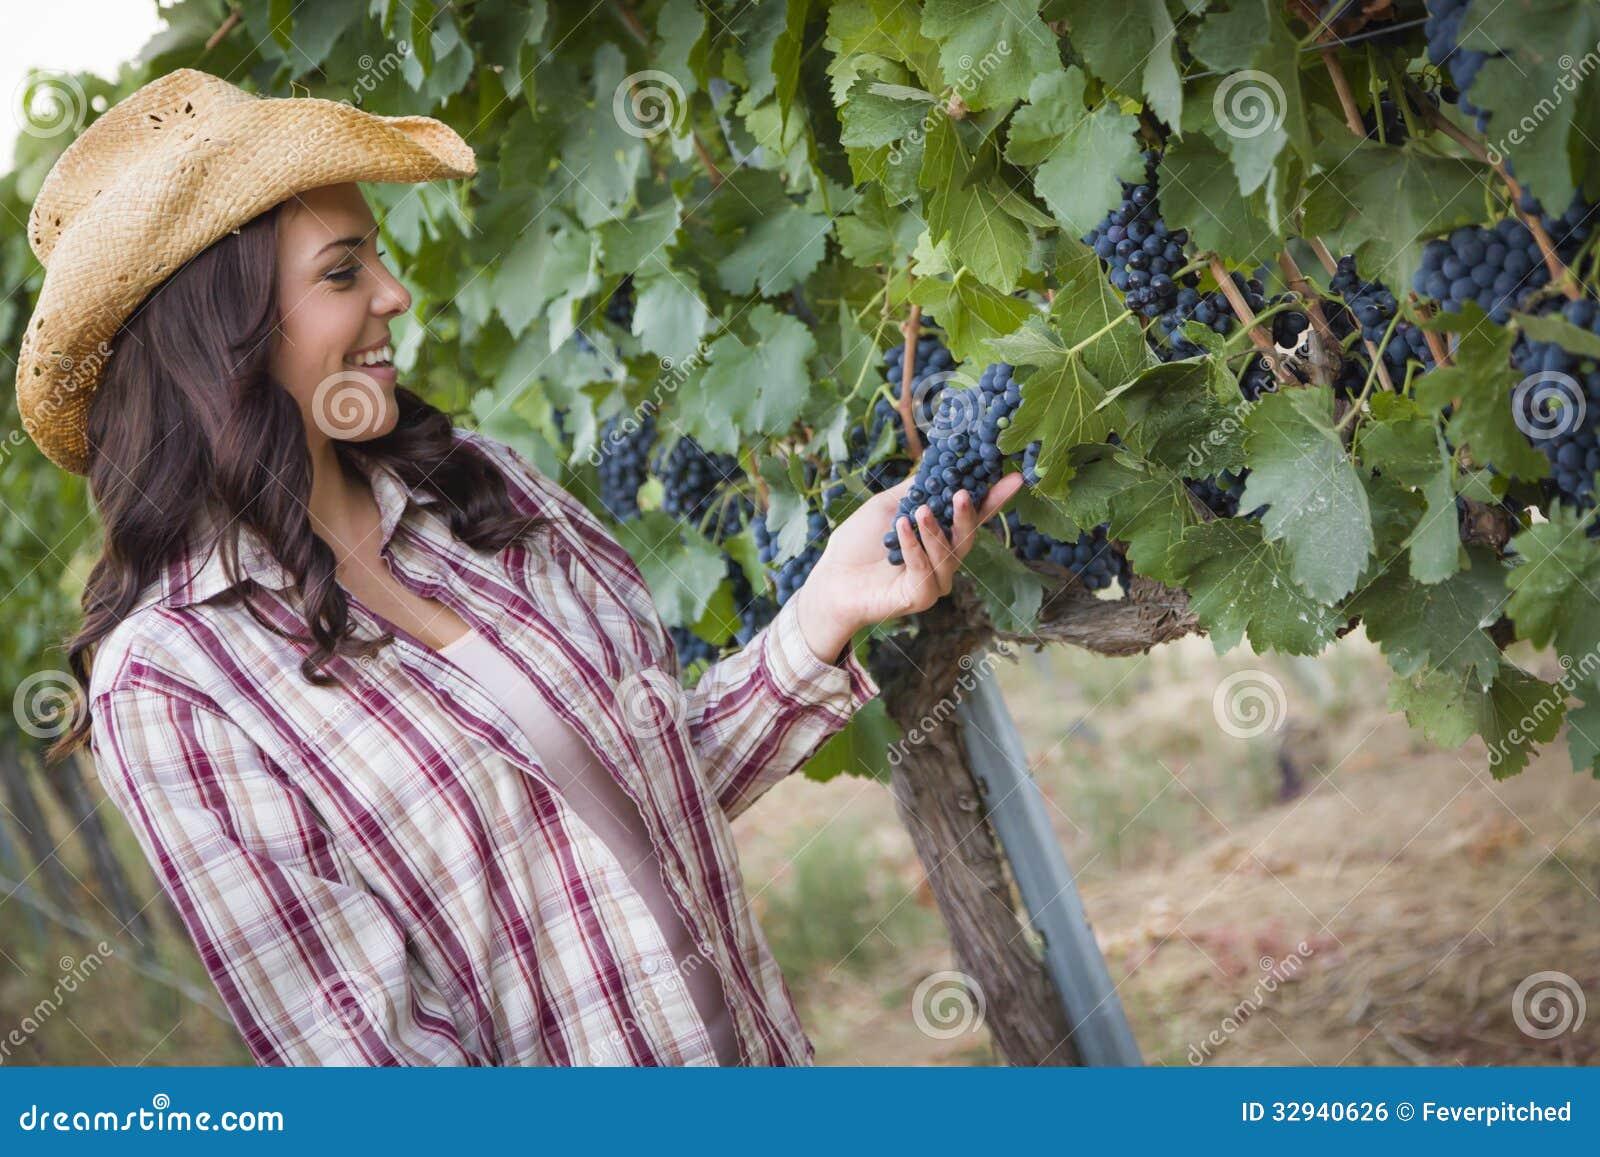 检查葡萄的美丽的女性农夫在葡萄园里